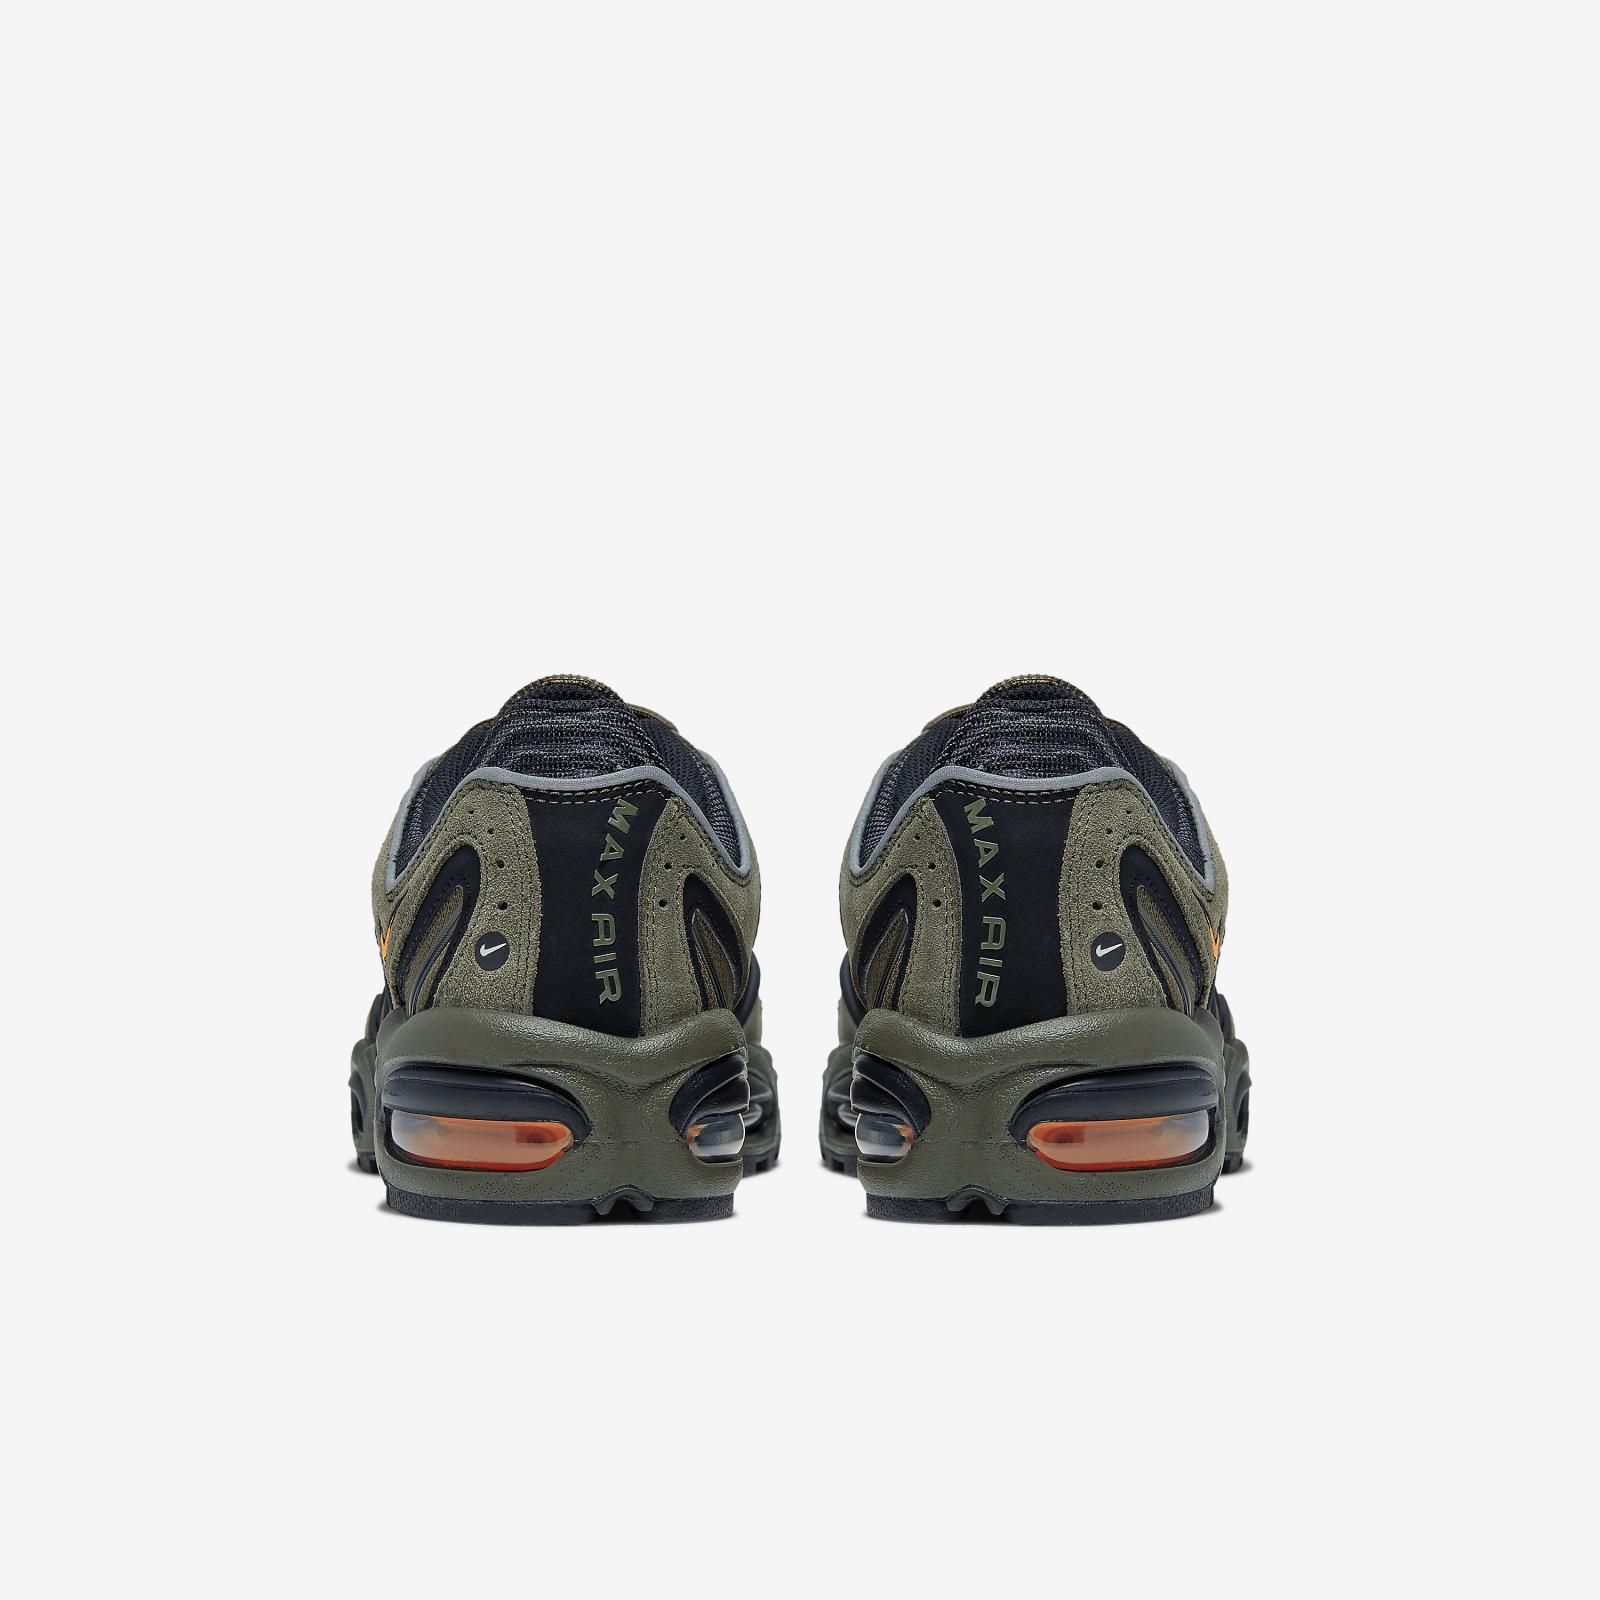 XXXX - CJ9681-300 - 106.png